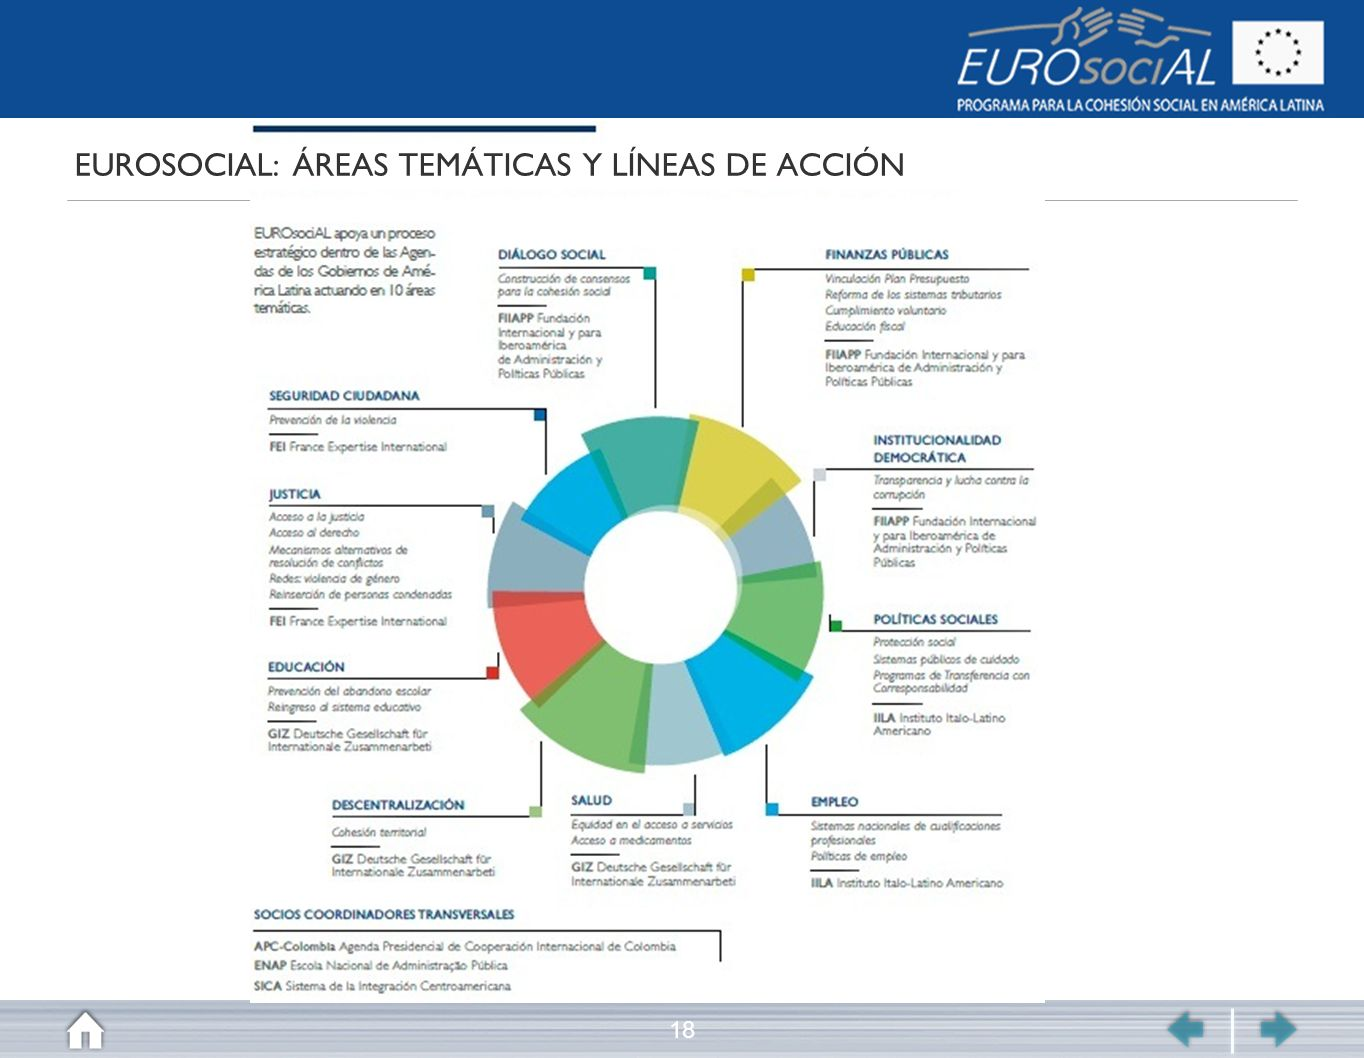 EUROSOCIAL: ÁREAS TEMÁTICAS Y LÍNEAS DE ACCIÓN